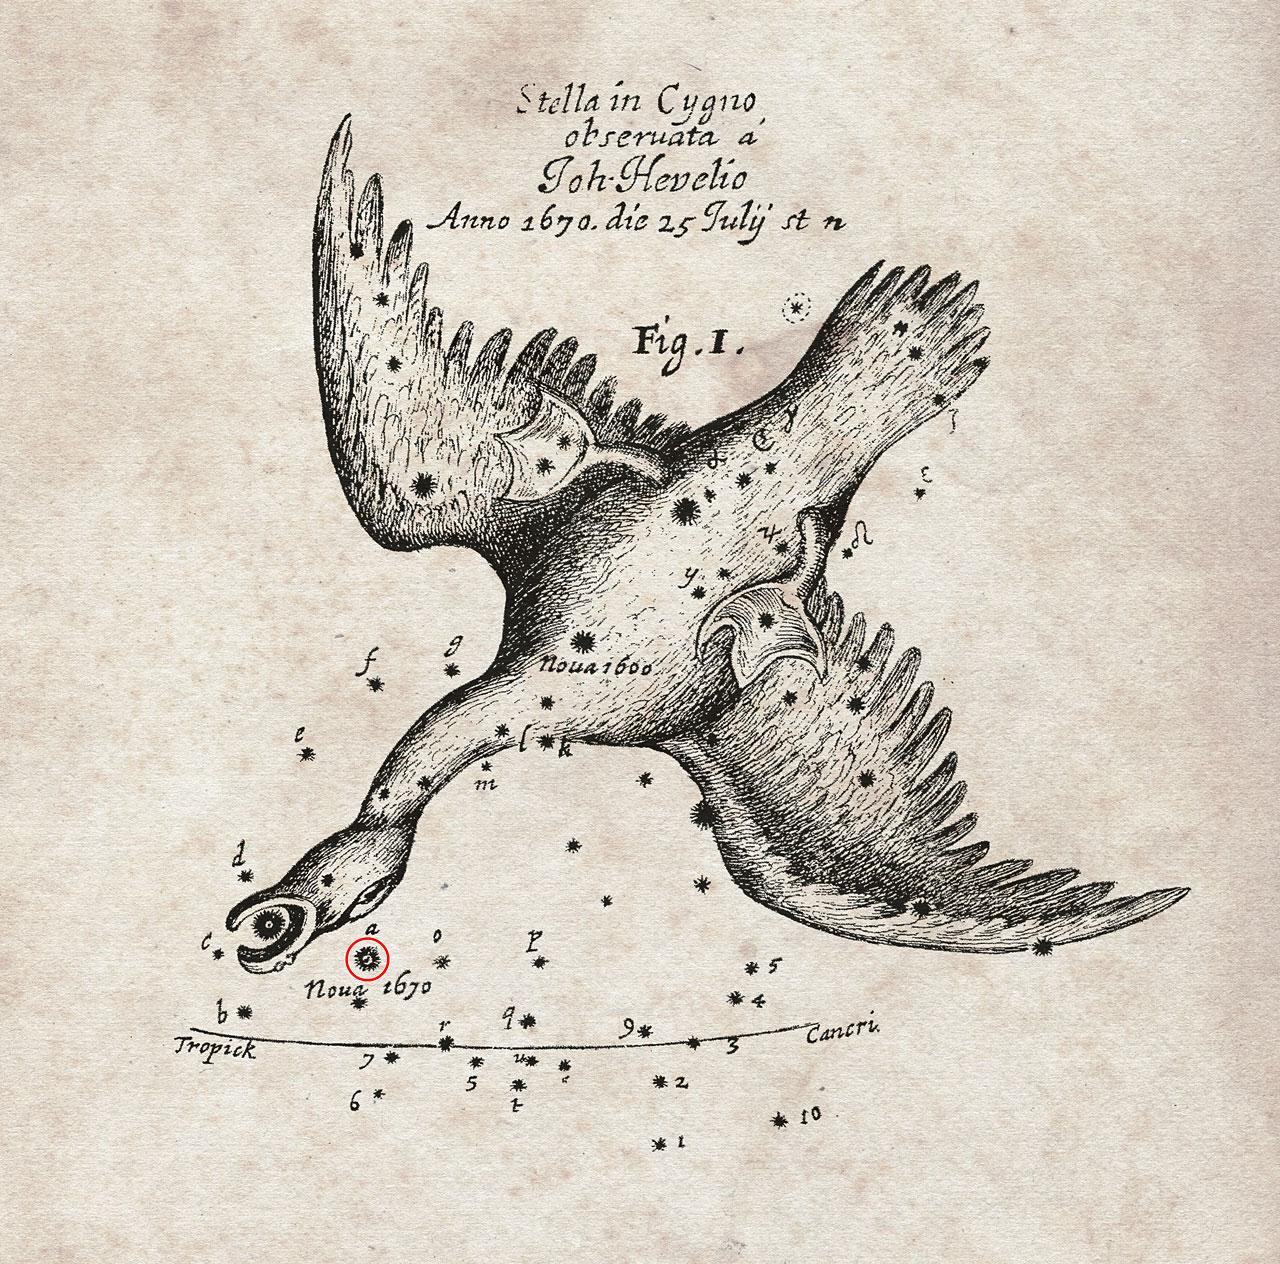 Положението на Новата звезда, появила се на небето през 1670 г. (отбелязано с червено), е нанесено на тази карта от прочутия астроном Ян Хевелий (кликни върху изображението).© Royal Society